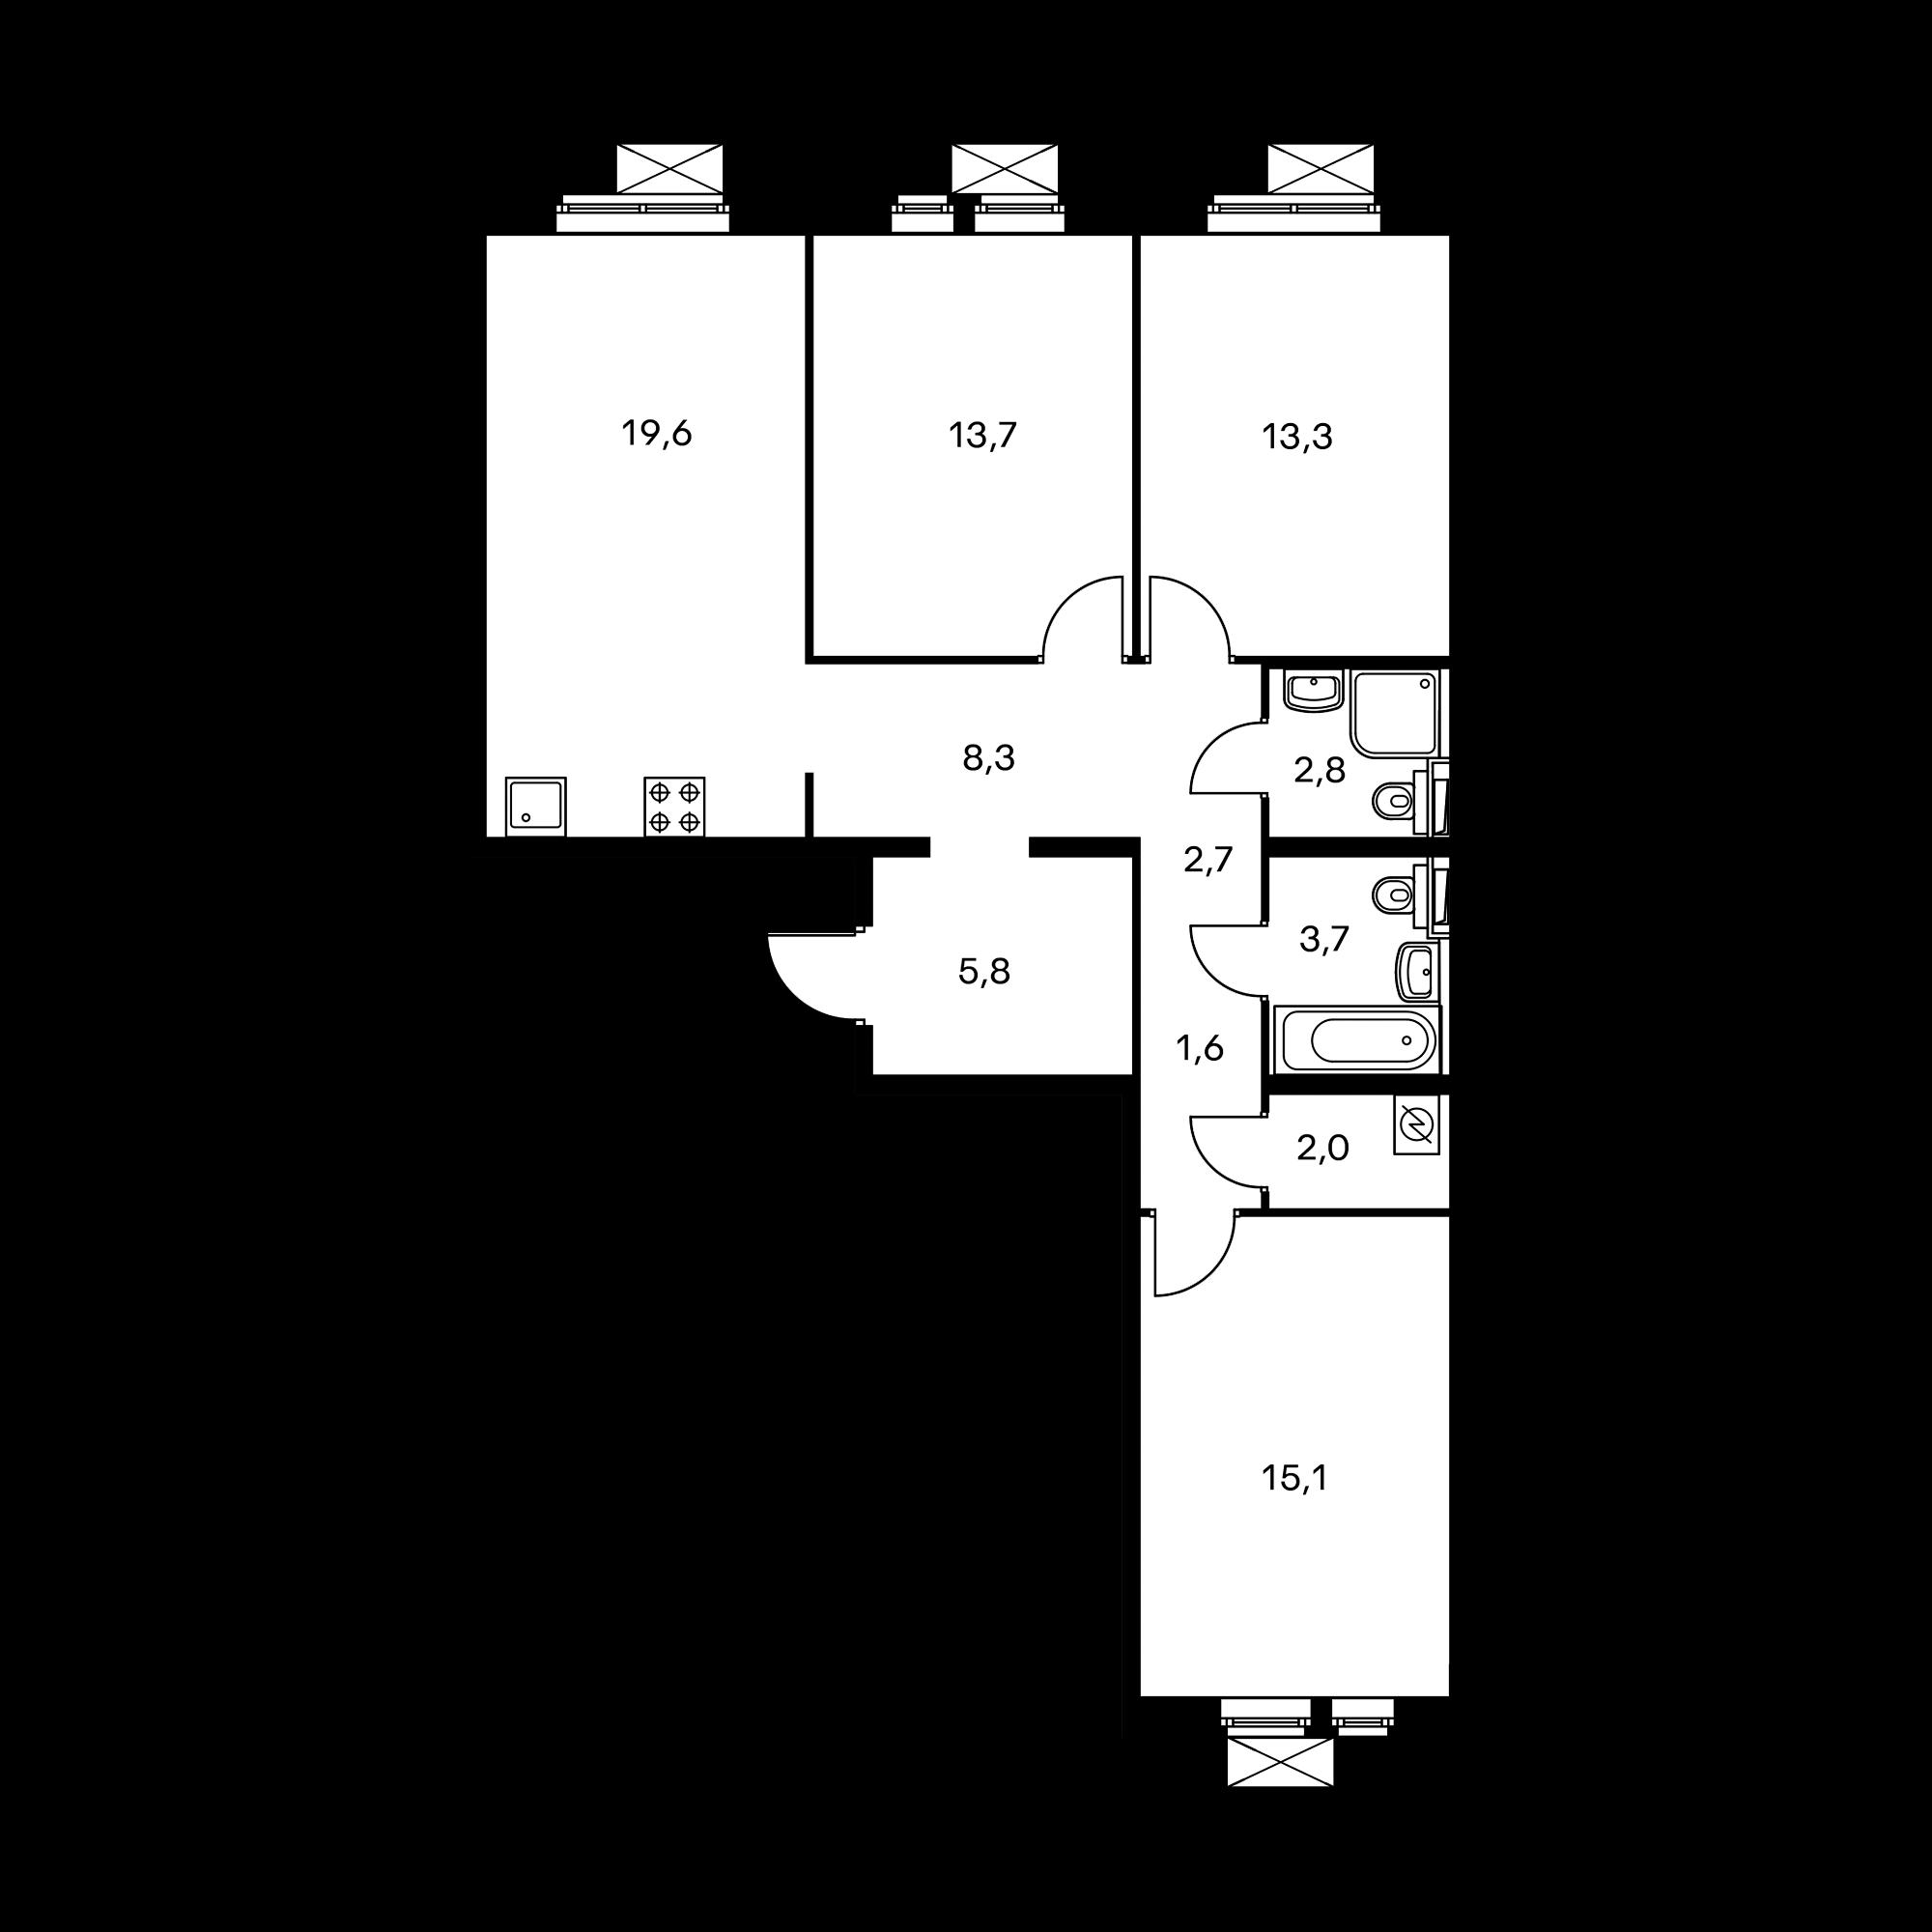 3EL3_9.9-1_S_Z1